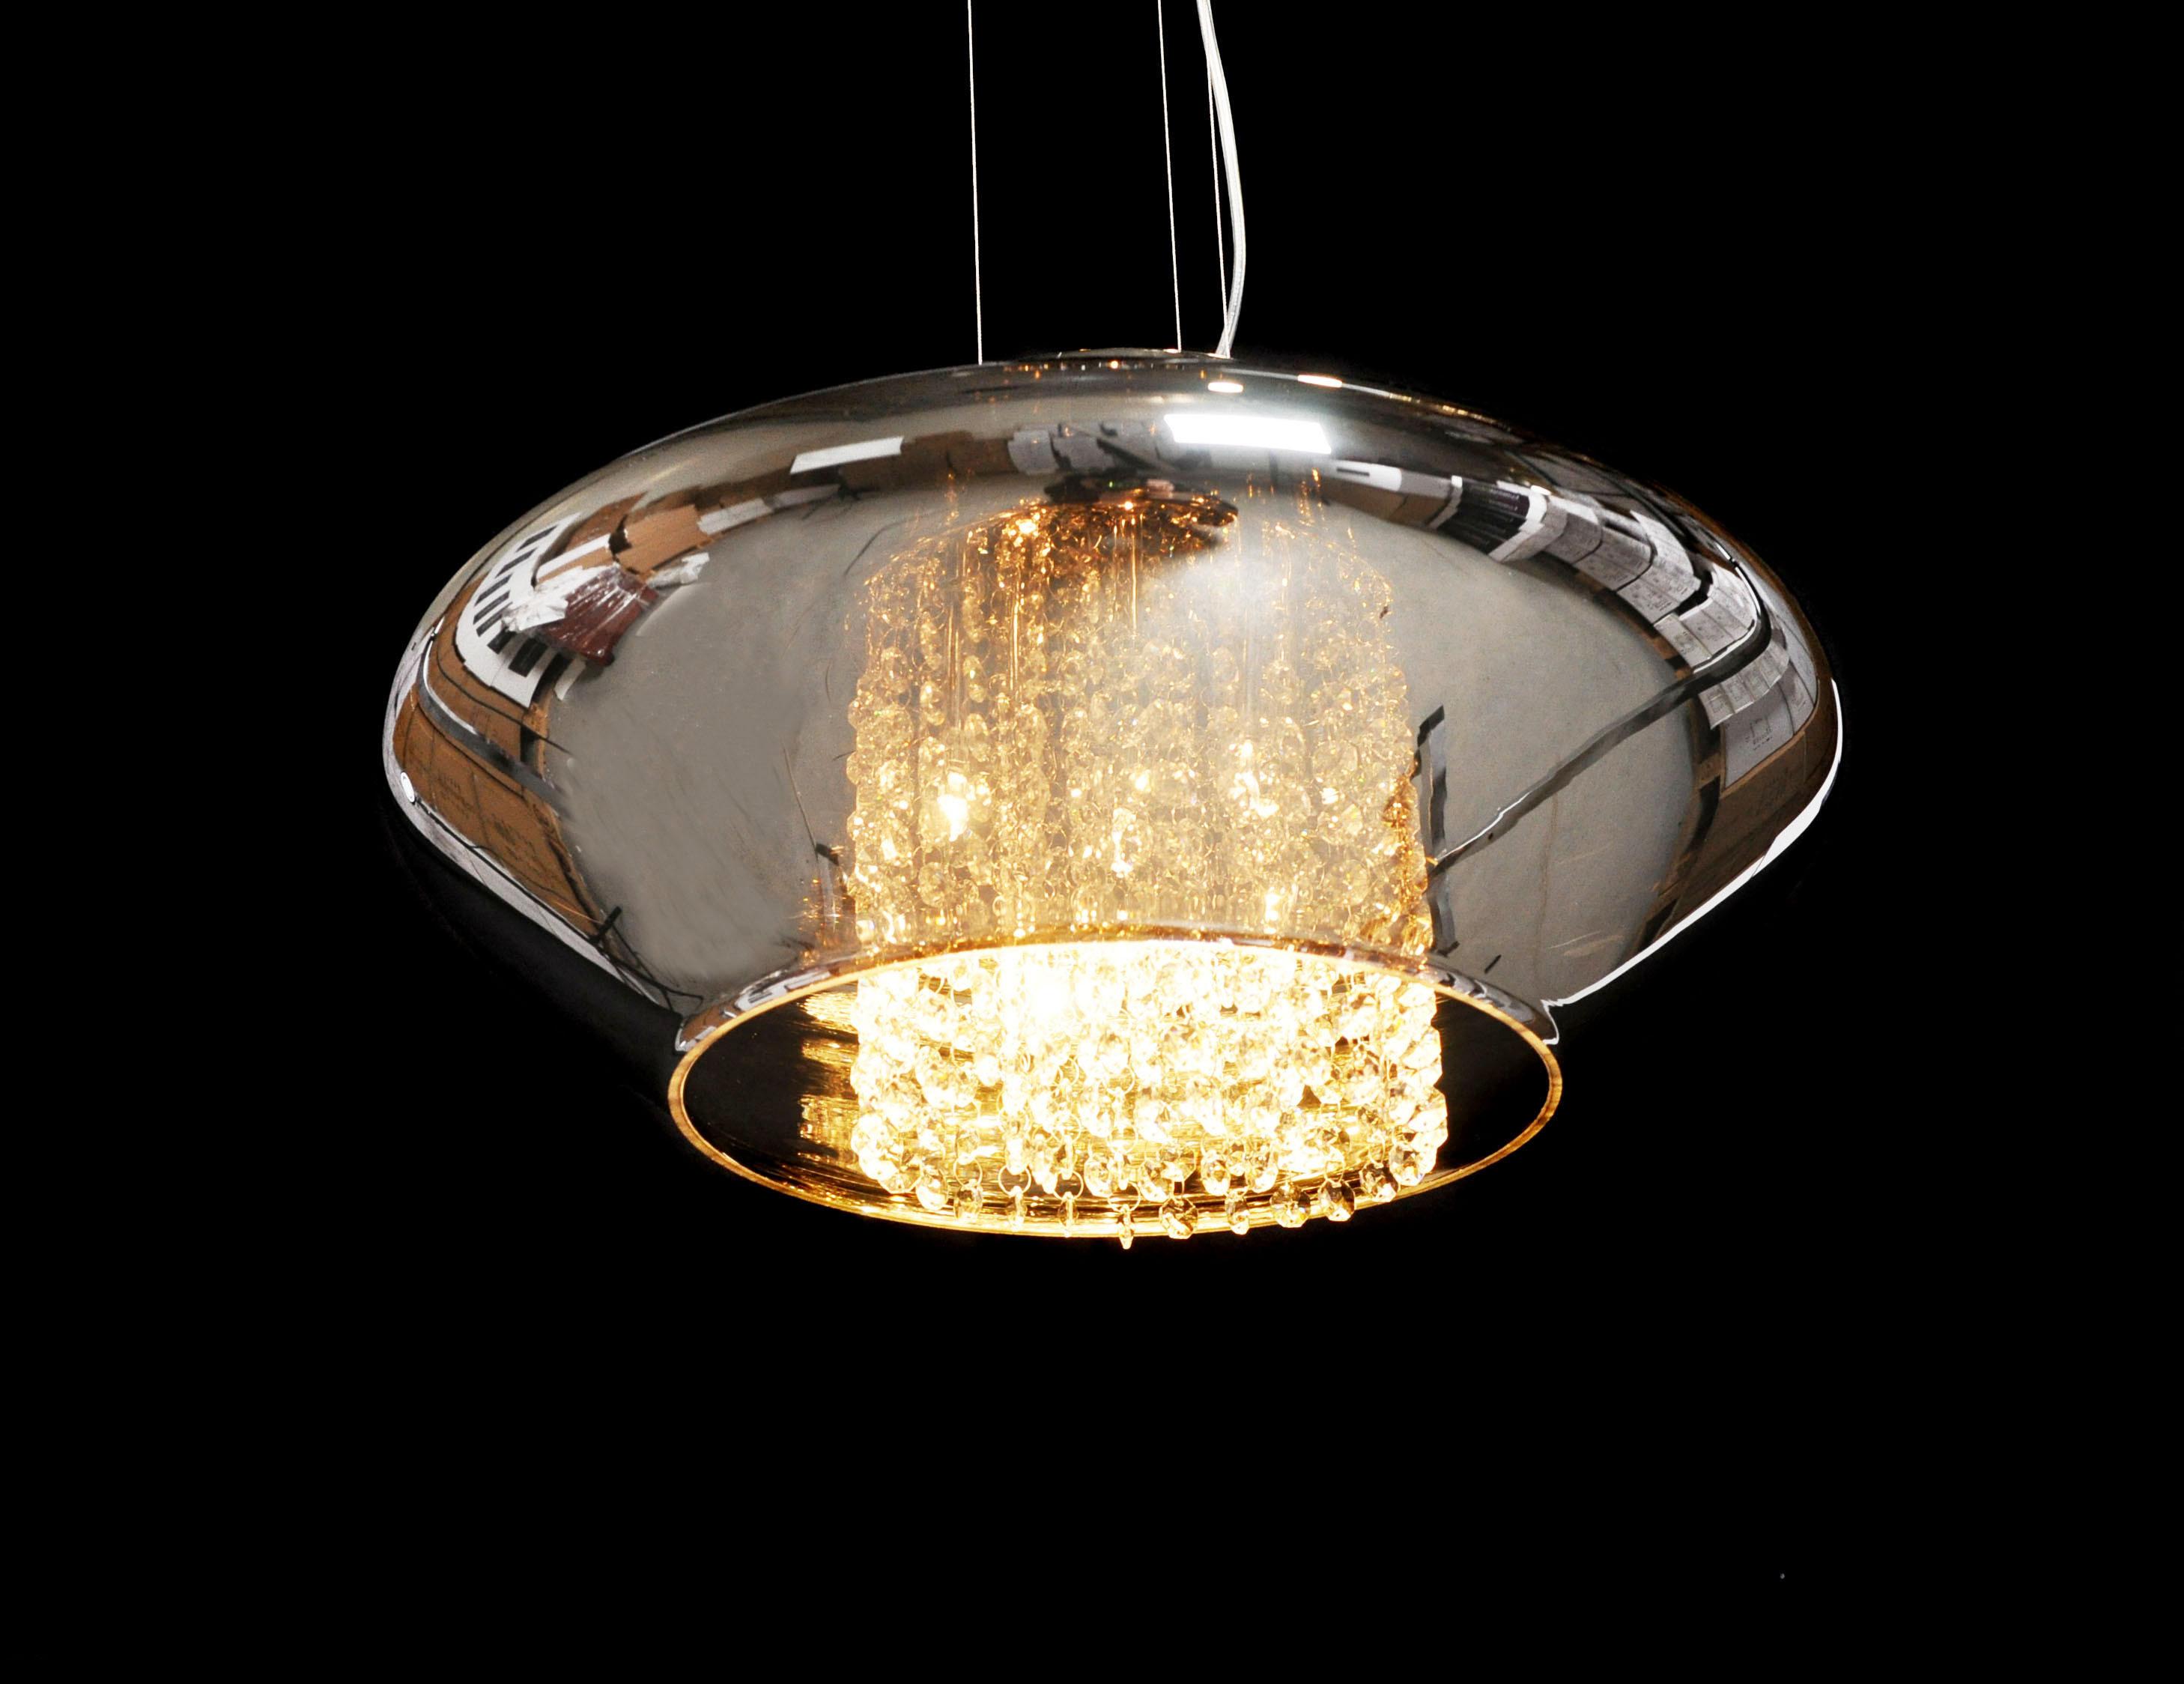 Подвесной светильник Lumina Deco Rivorre LDP 8056, 4xG4x20W, хром, дымчатый, прозрачный, металл, стекло, хрусталь - фото 4